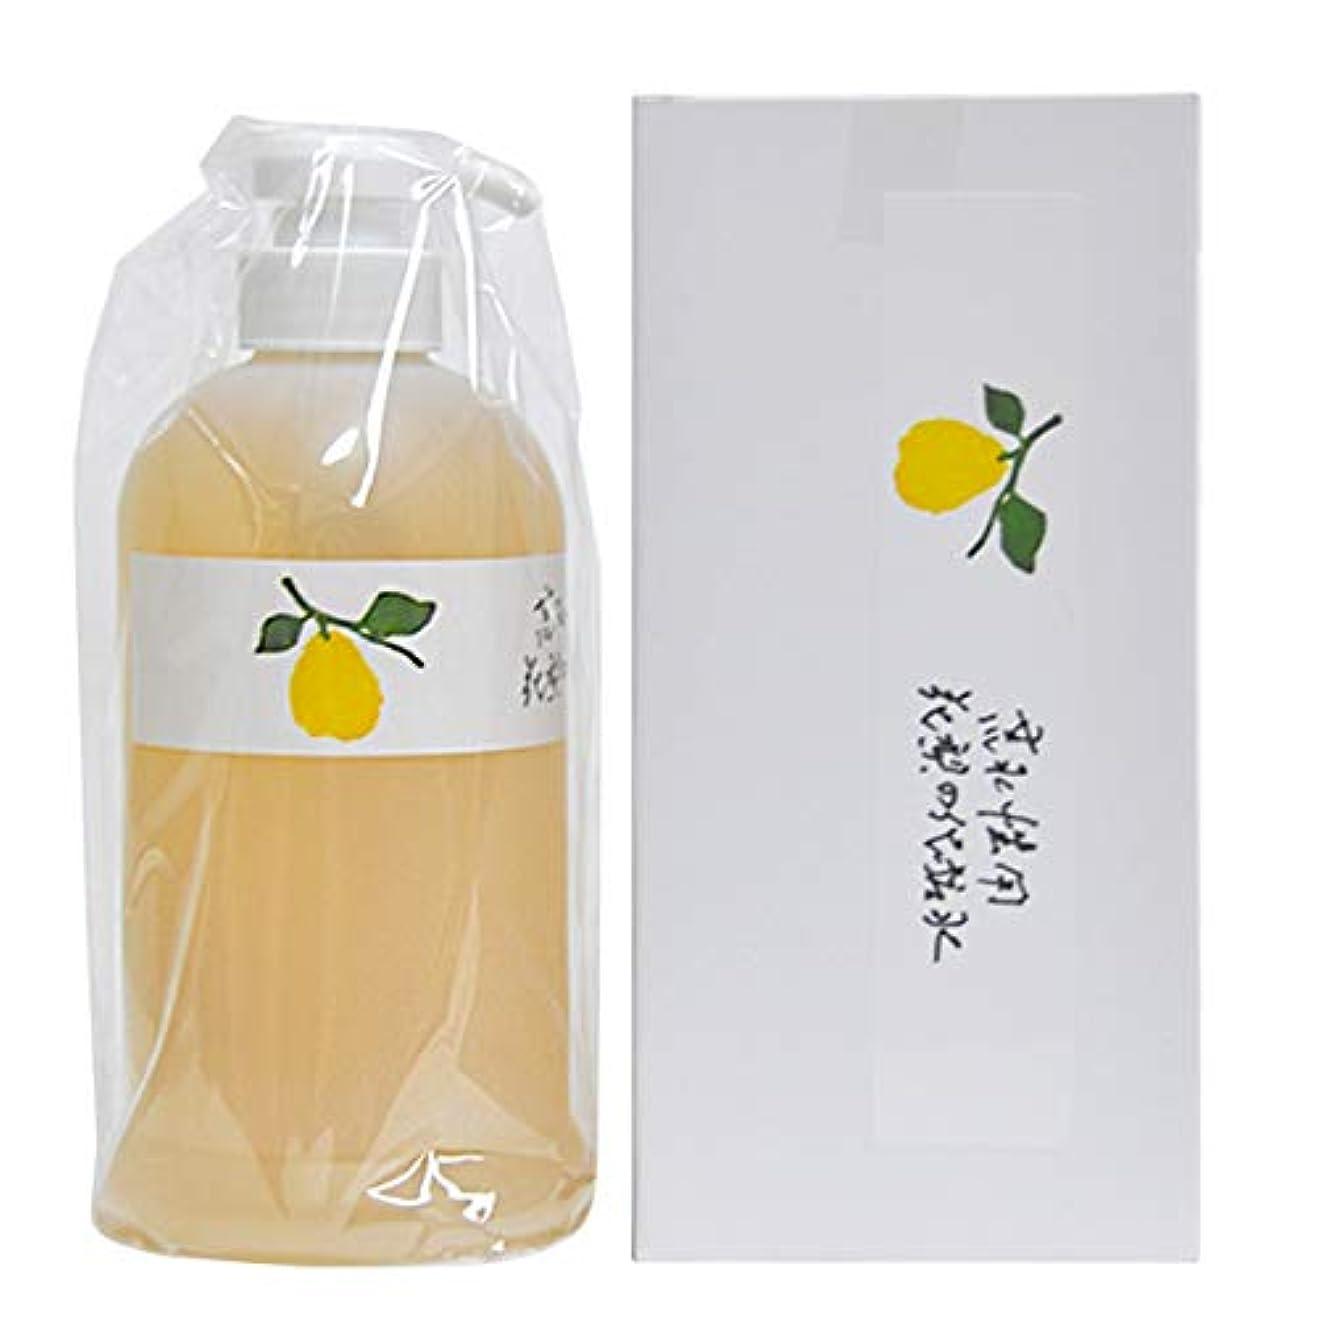 ボス上下する出身地花梨の化粧水 お徳用ホームサイズ 630ml